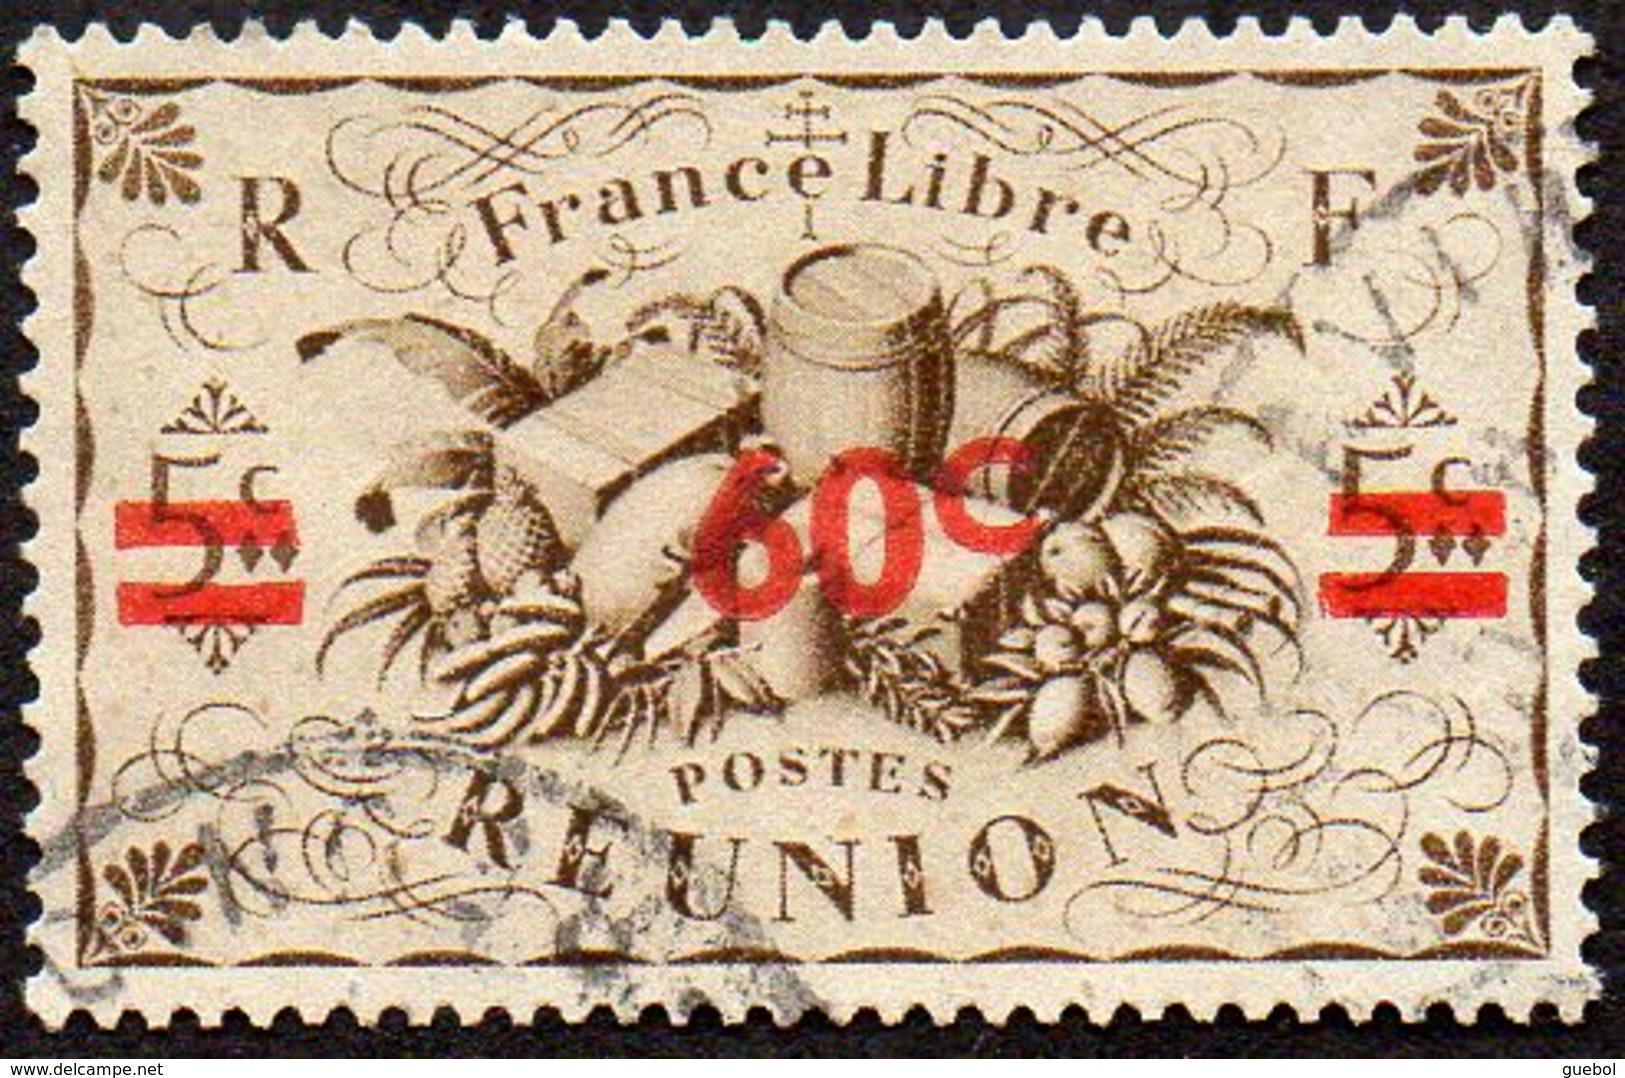 Réunion Obl. N° 253 - Détail De La Série De LONDRES Surchargé En 1945 - Productions - 60cts Sur 5 C Sépia - Oblitérés